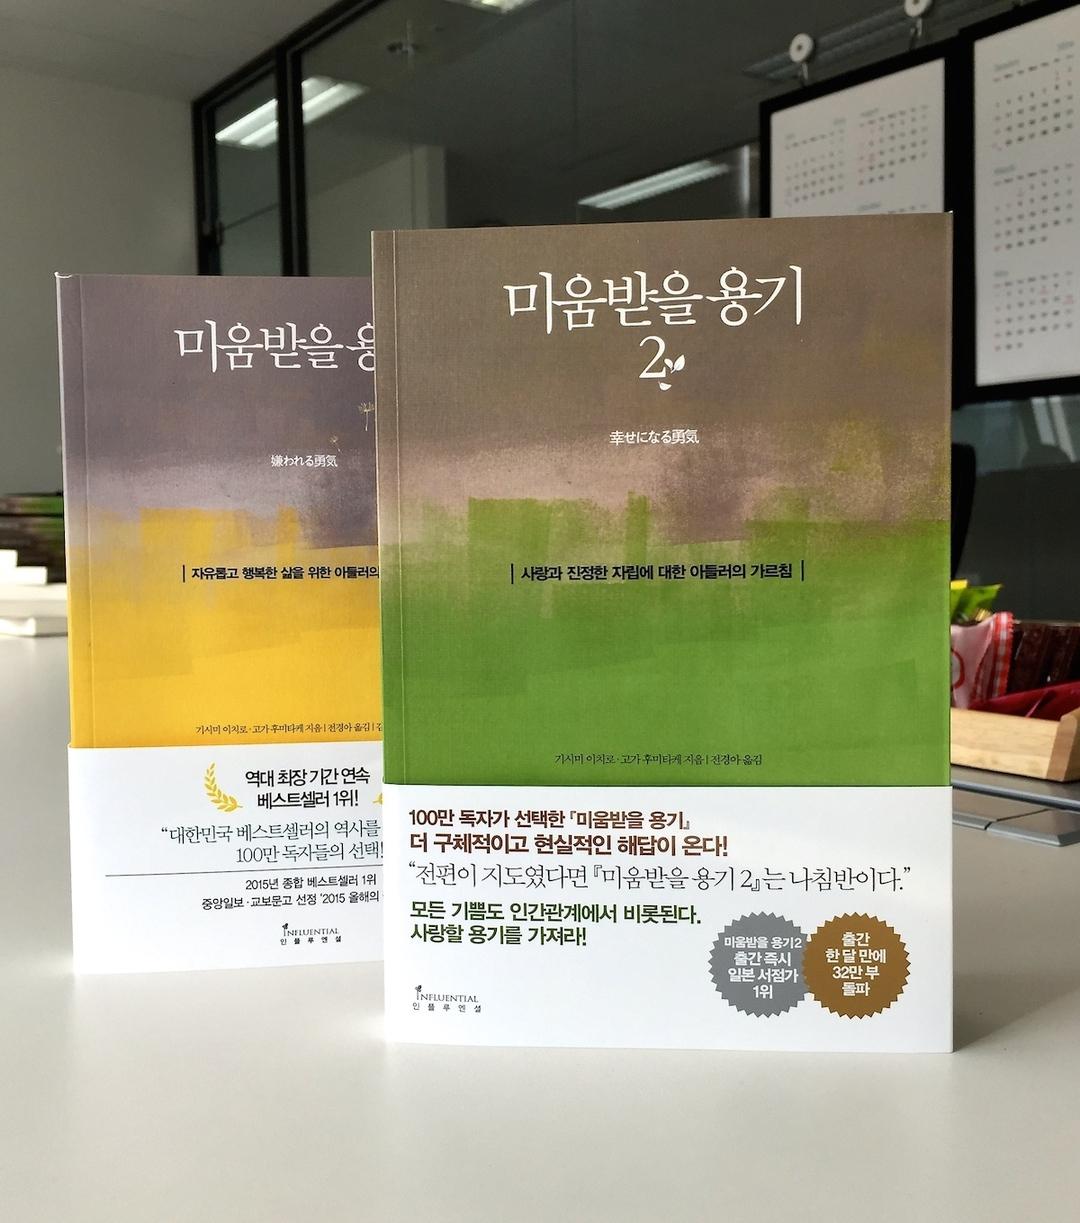 もはや日韓の壁をのり越えた<br />韓国におけるアドラー・ブーム